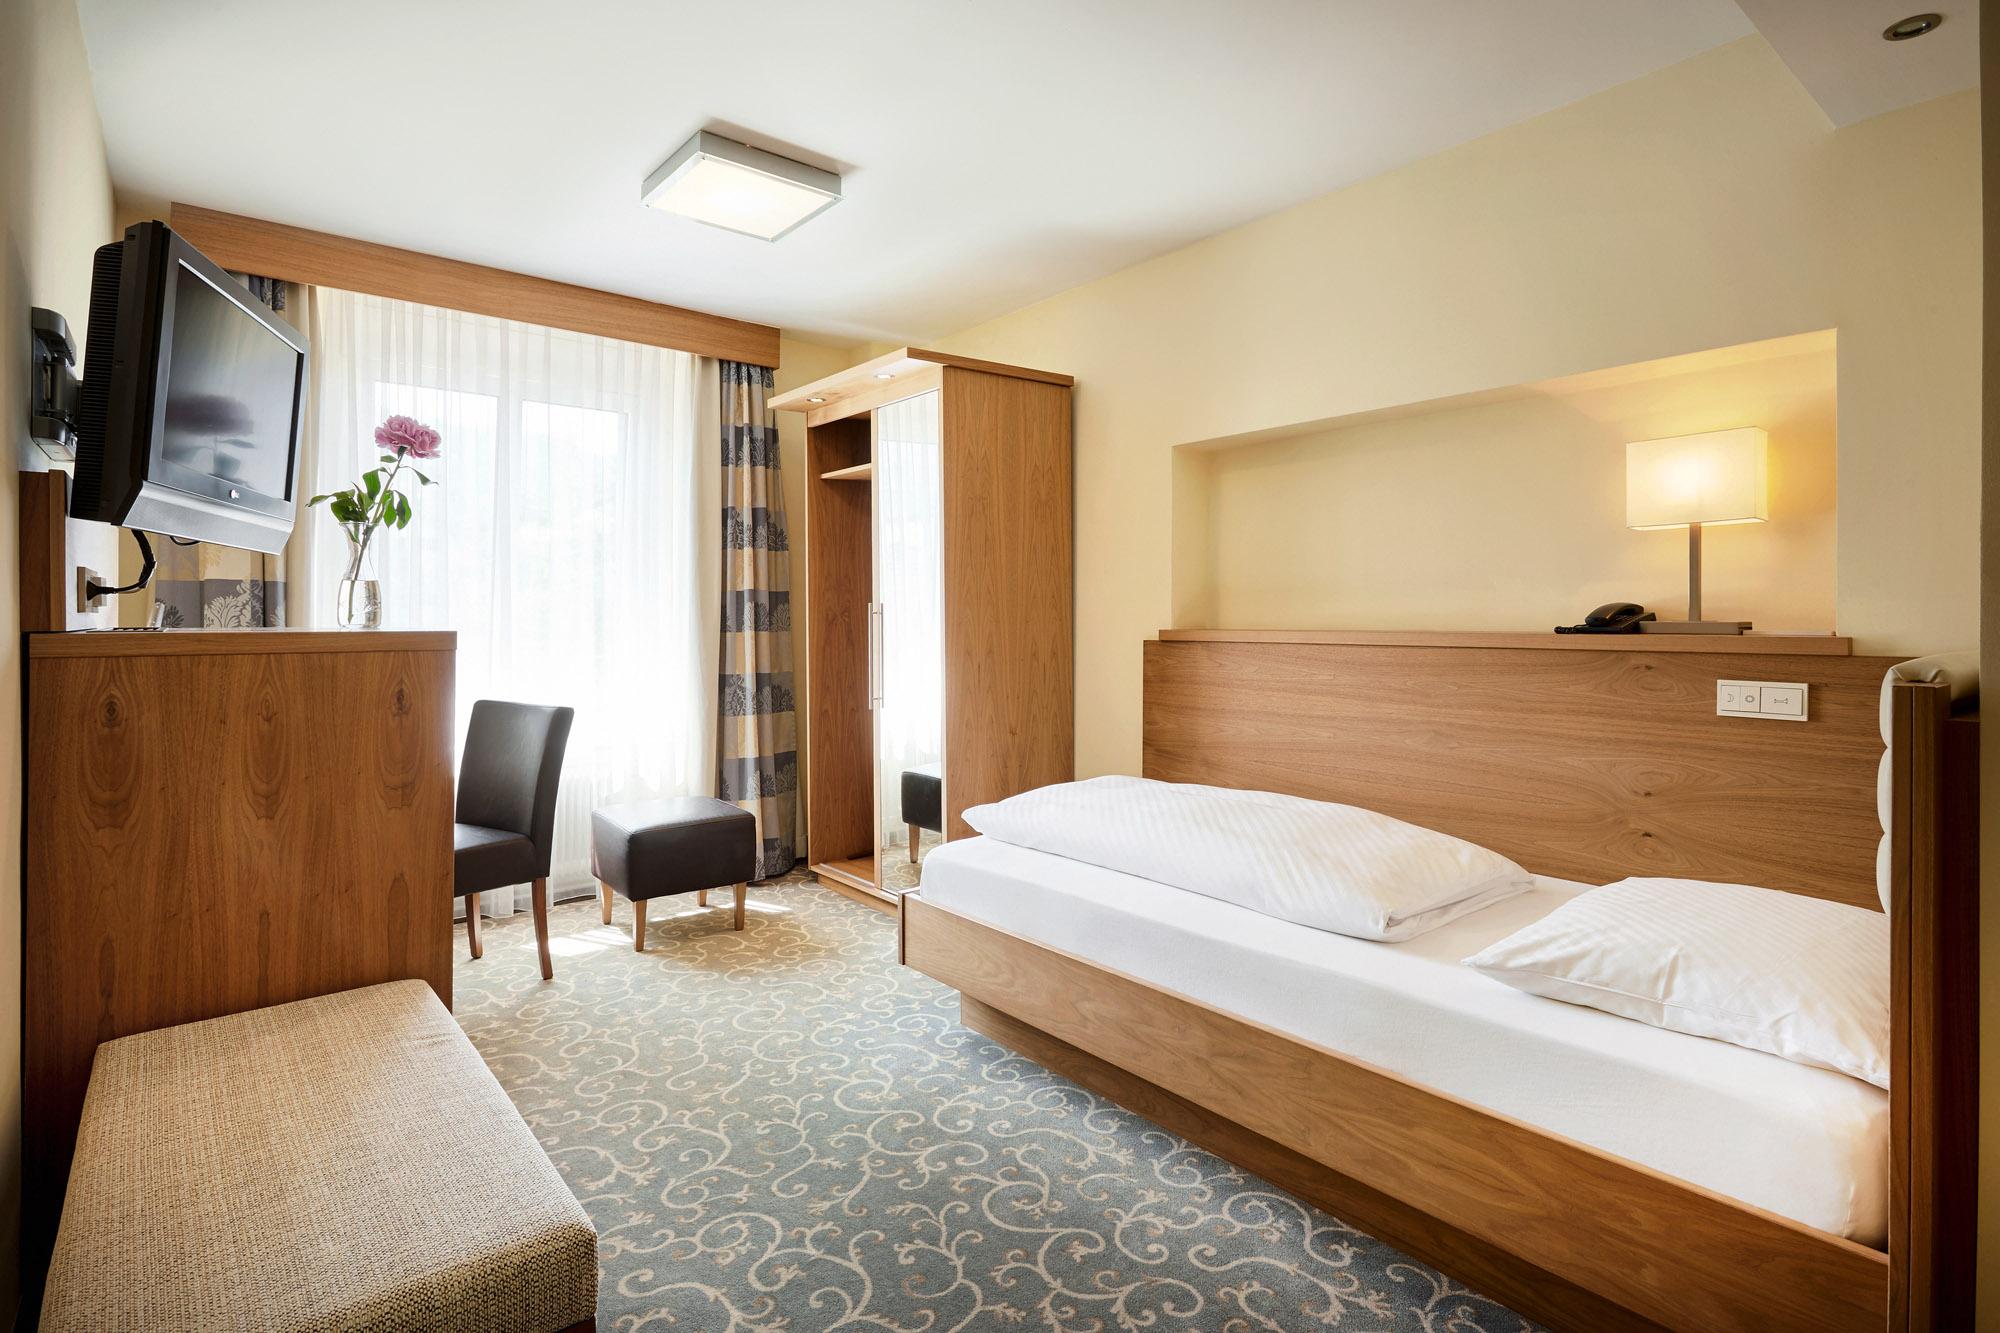 Einzelzimmer Classic ab € 72,75 pro Nacht inklusive Frühstück & Ortstaxe